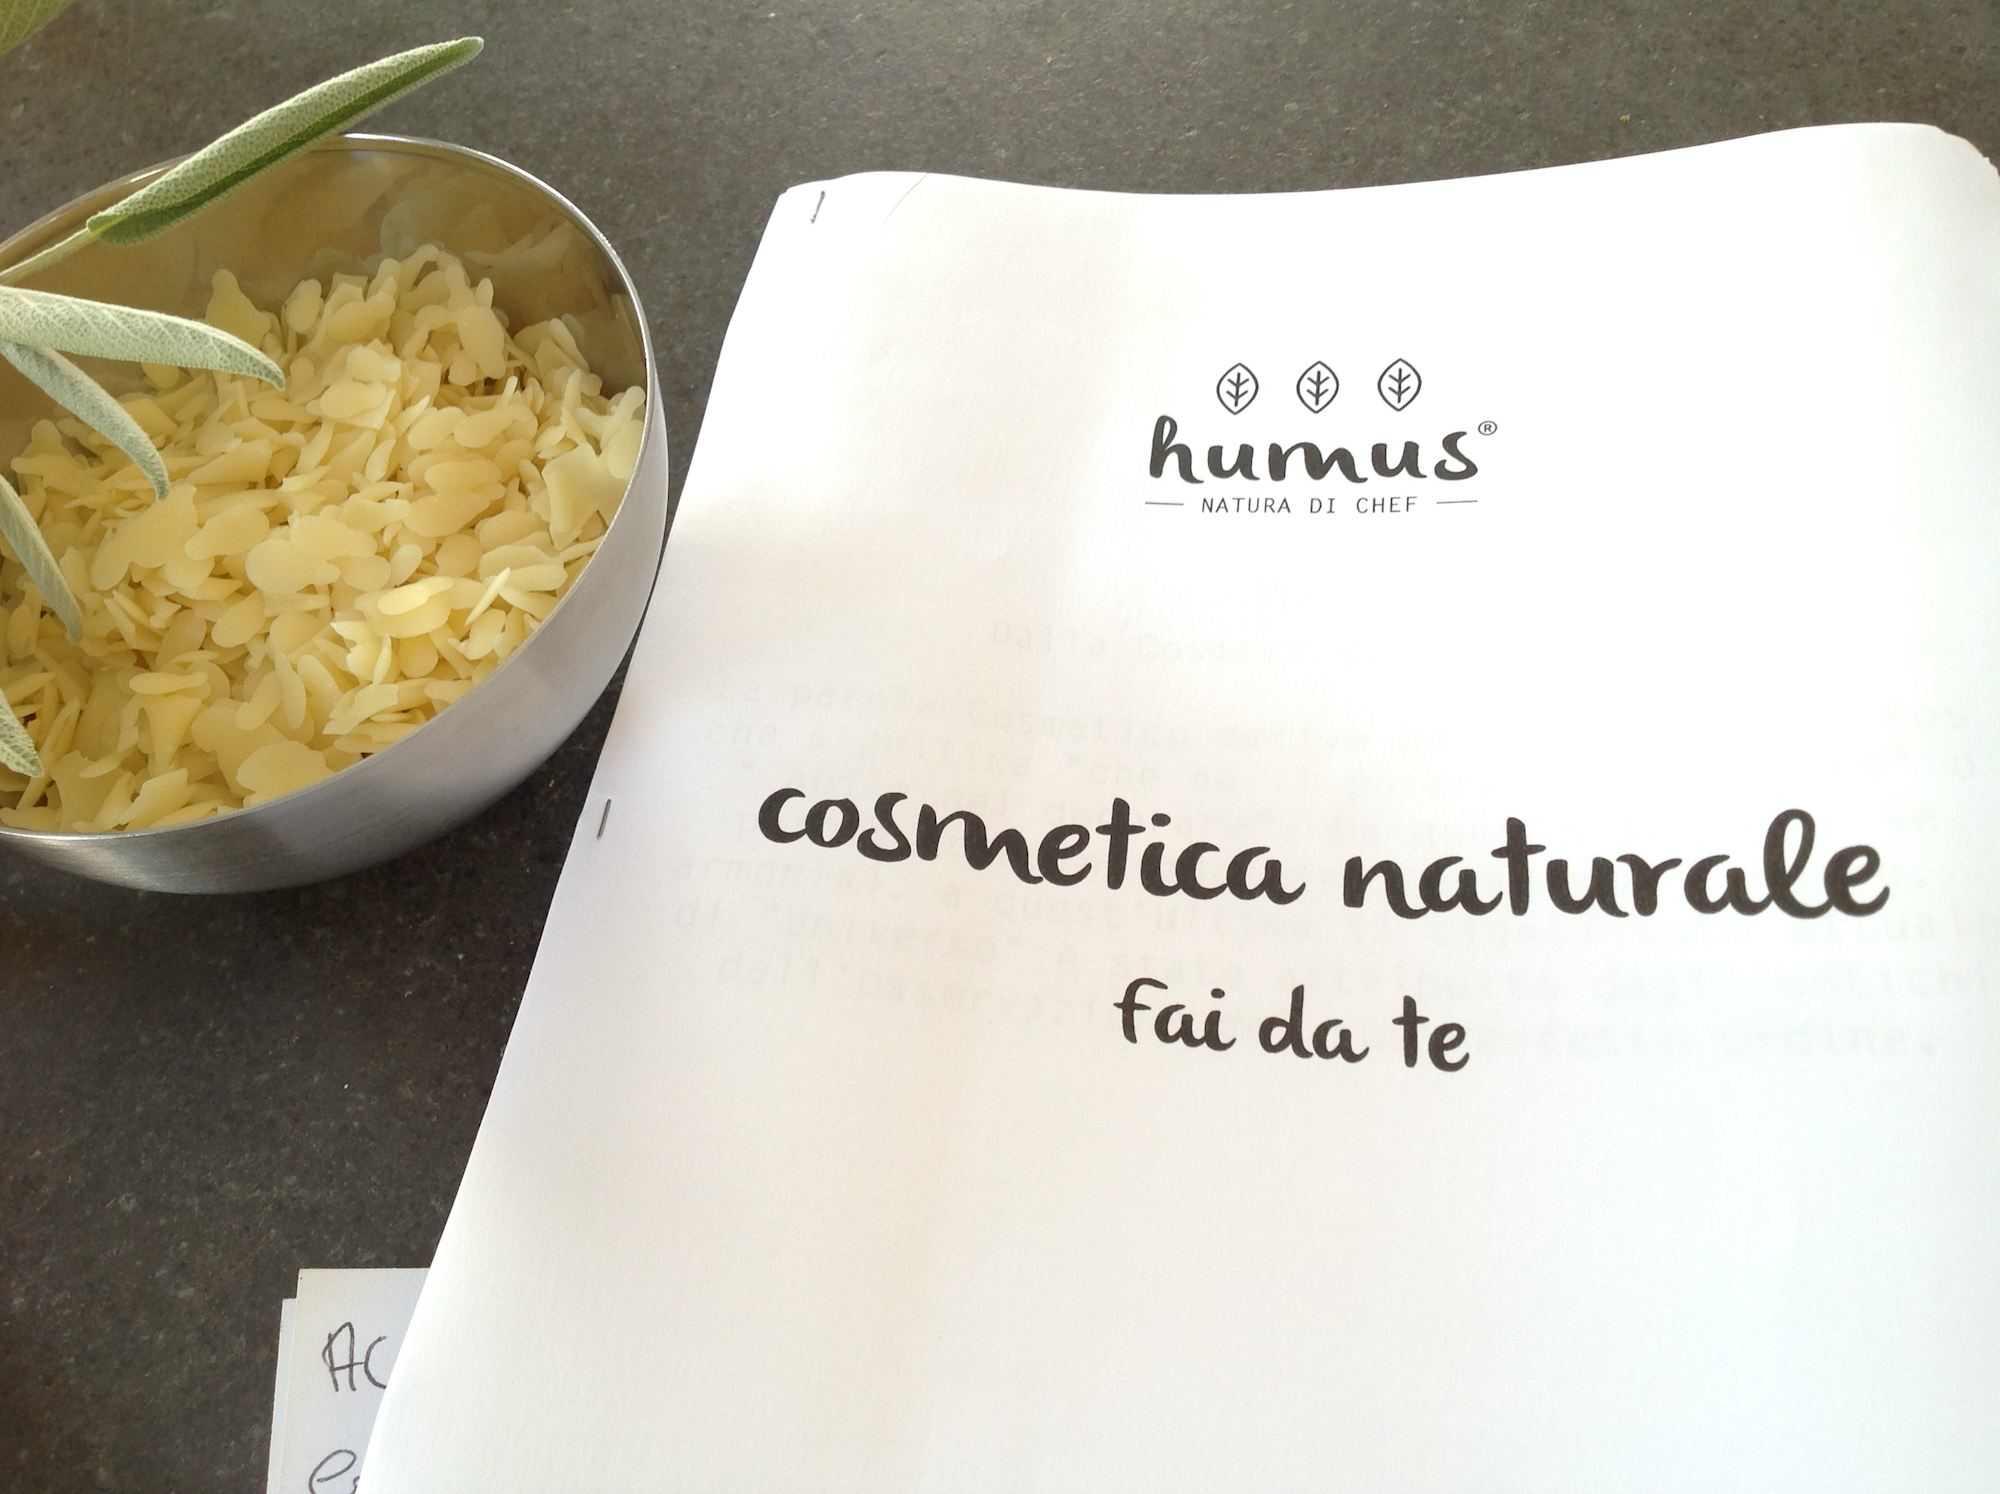 corso cosmetica naturale humus